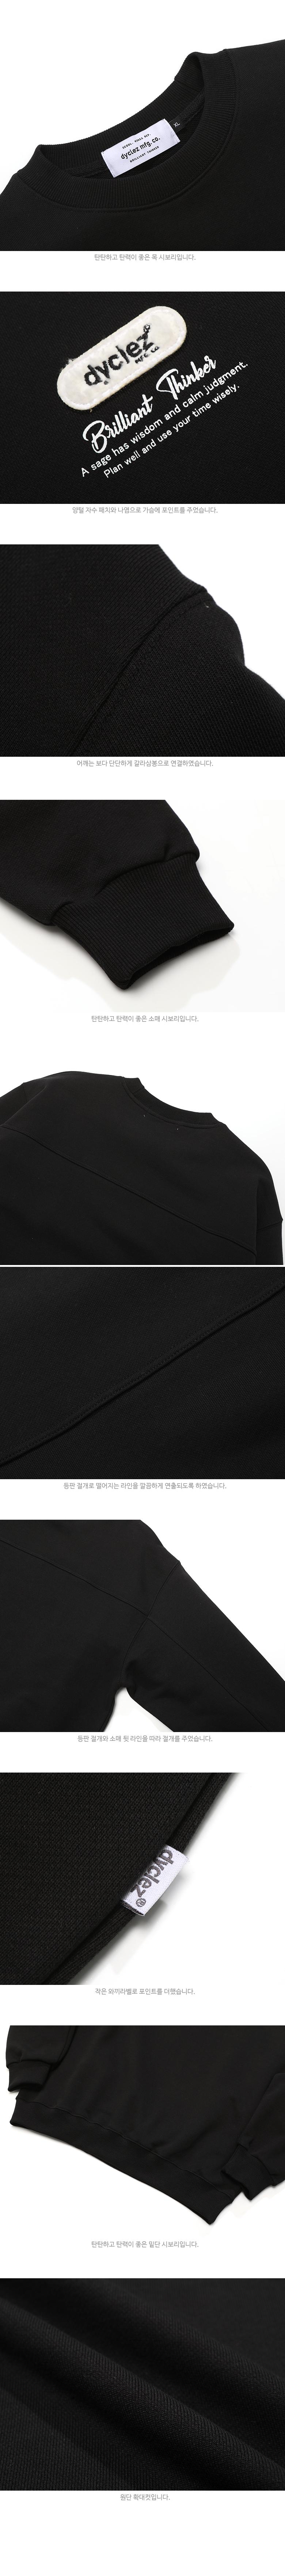 KHMT5115_detail_black_02.jpg